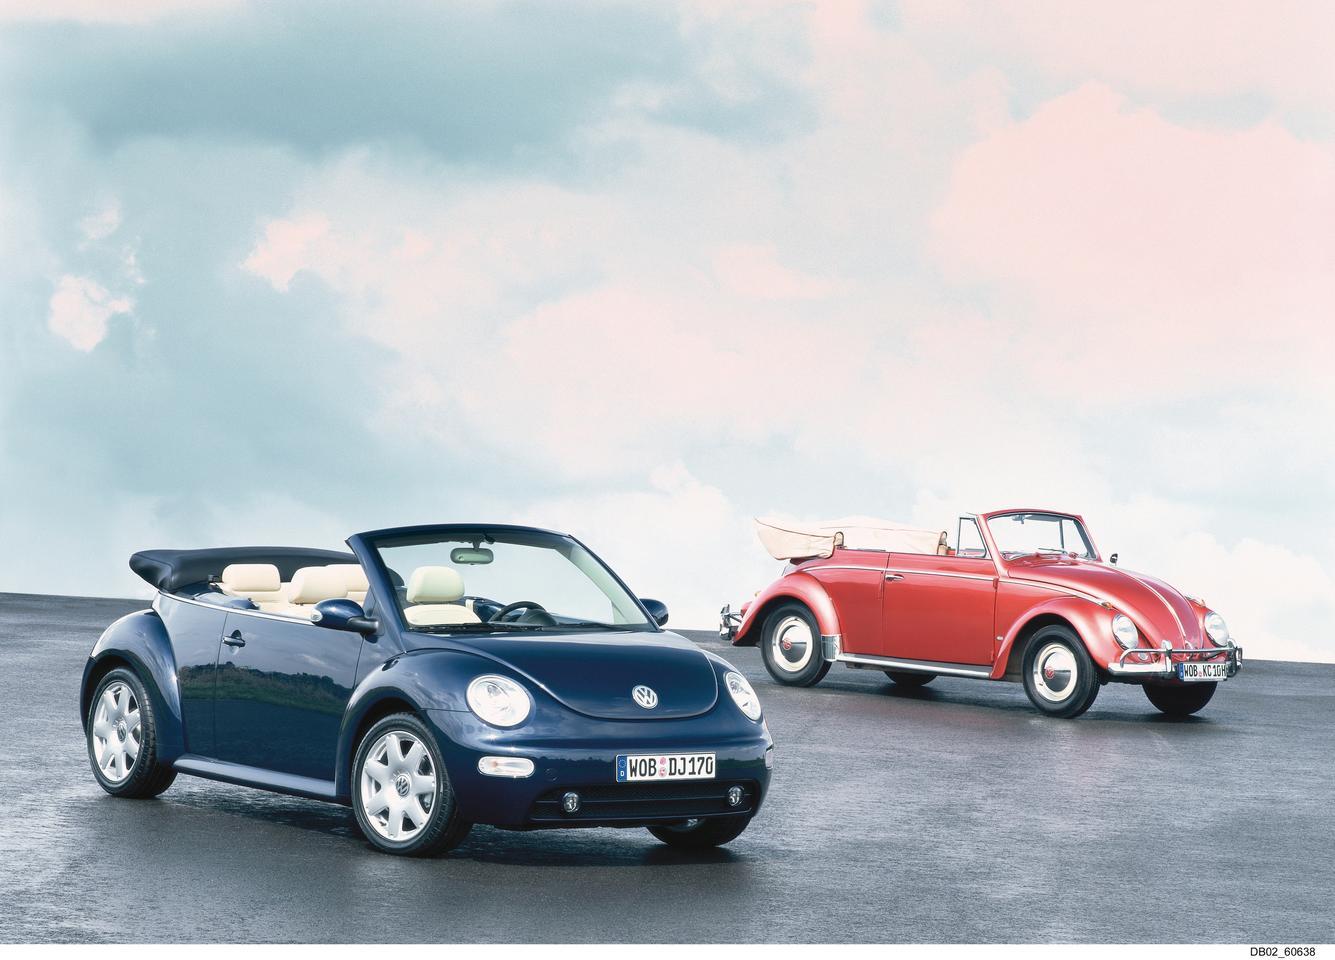 Новый Beetle Cabriolet и VW 1200 Beetle Cabriolet